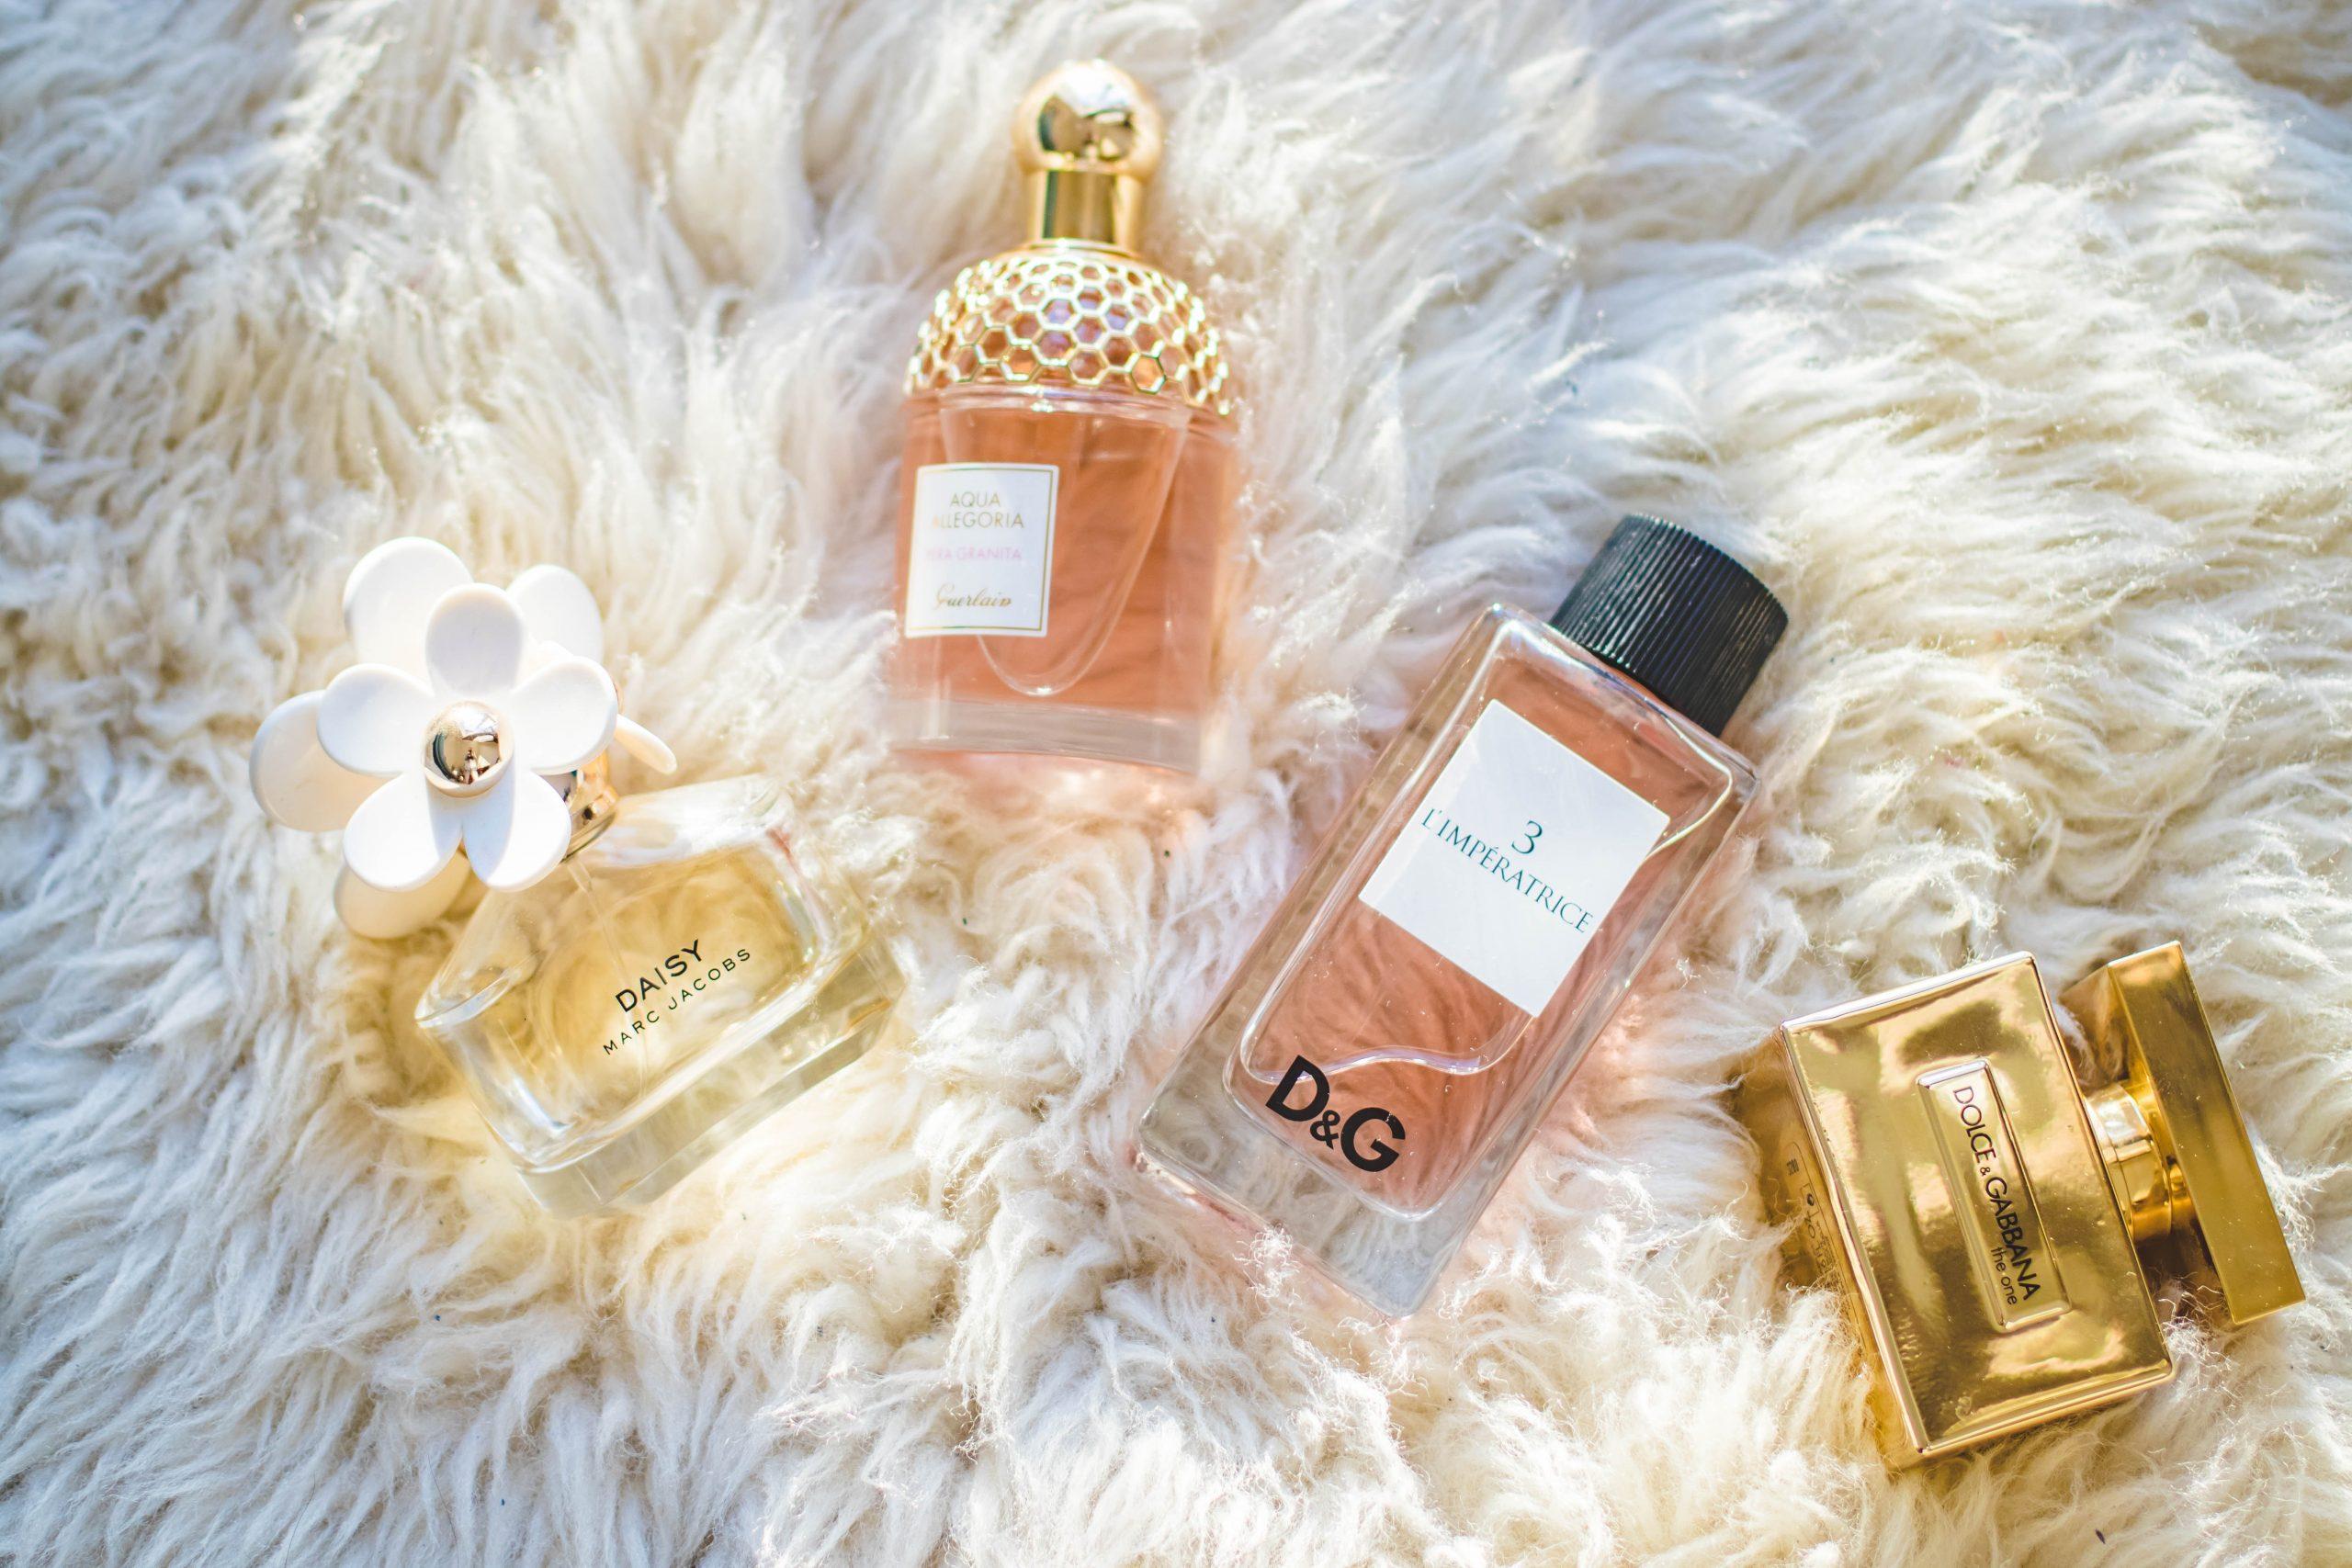 perfume, perfume gift